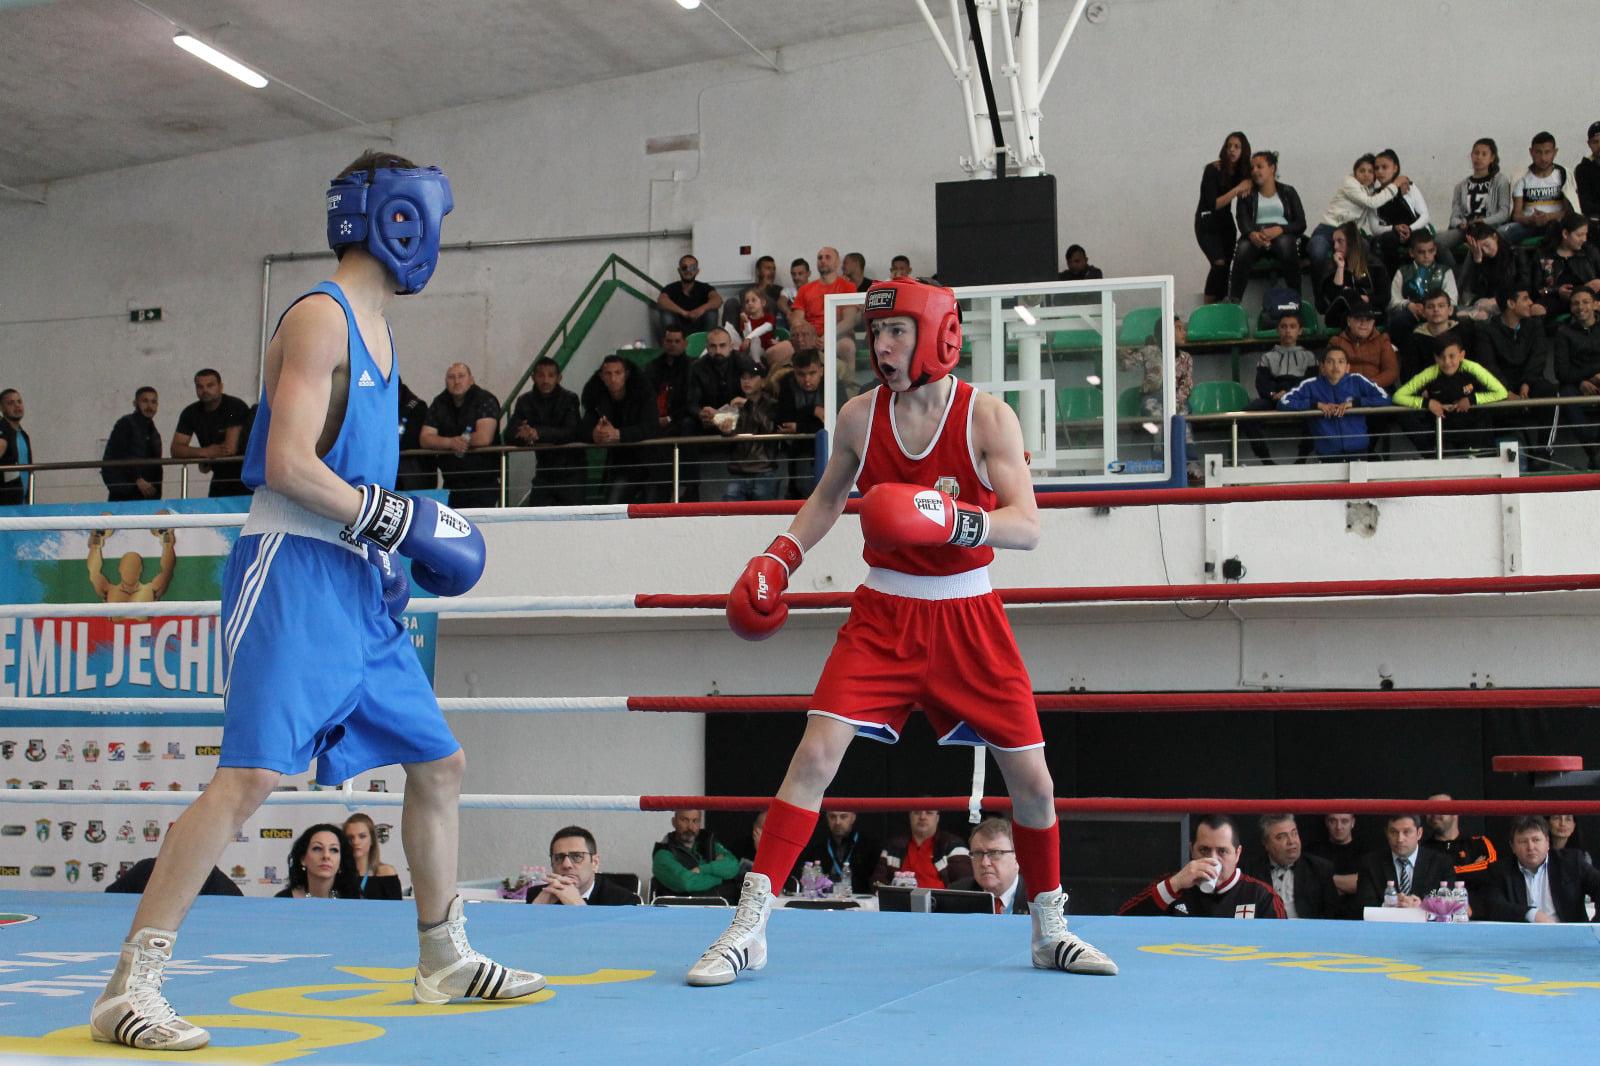 НА ЖИВО: Красимир Джуров първи от младежите на ринга в Черна гора